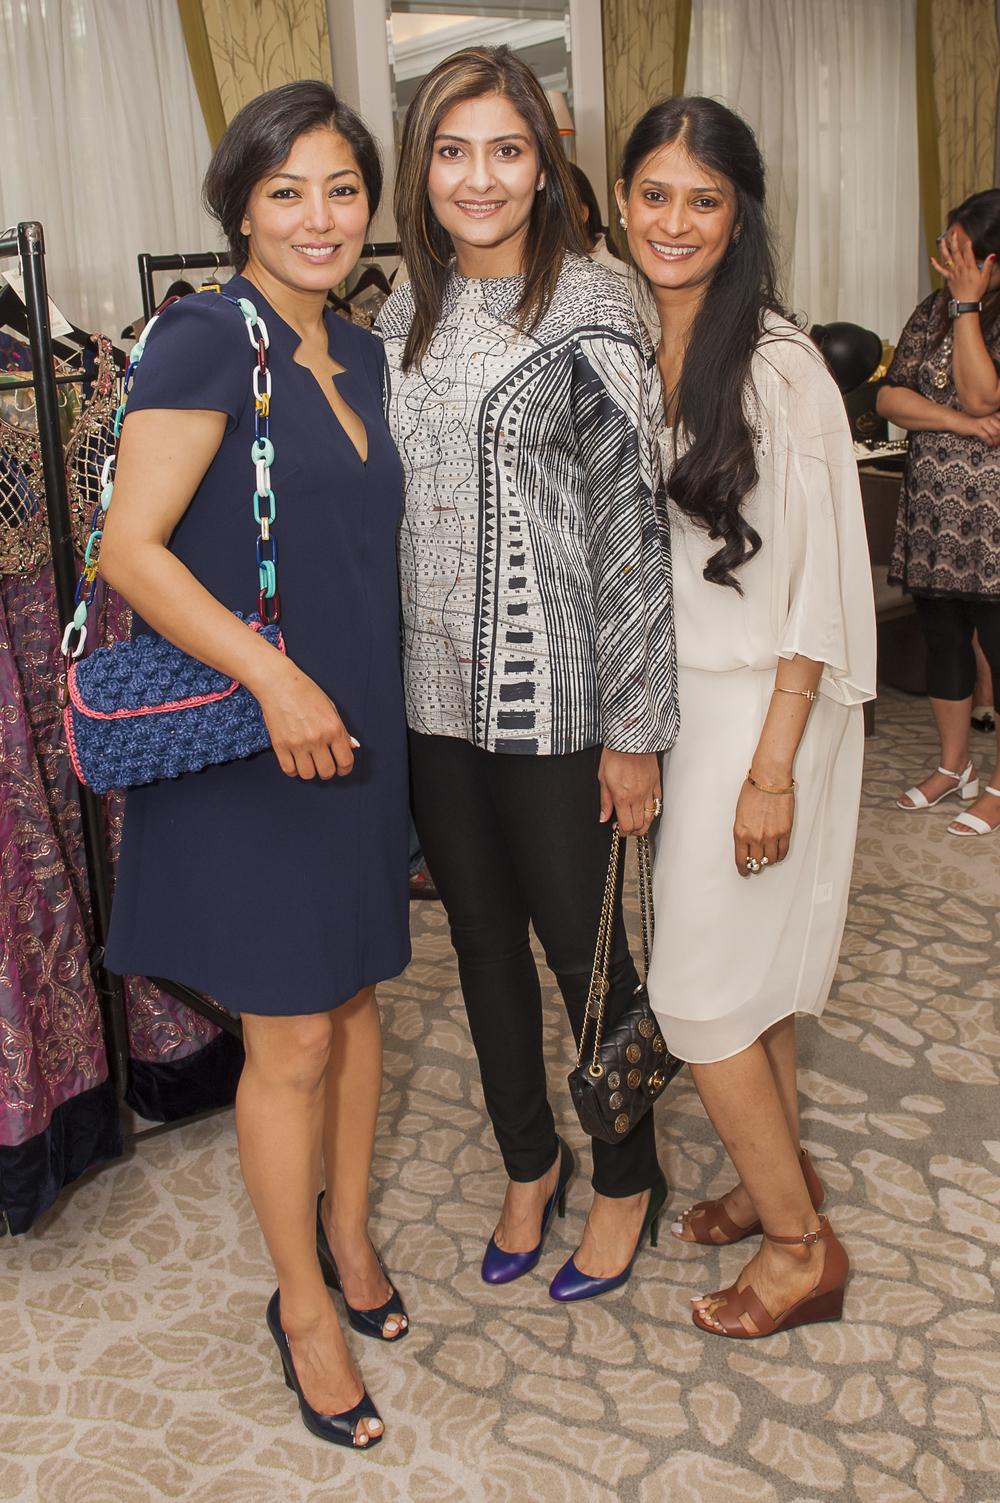 Rakhee Jain, Fabiha & Mini Bhuwania.jpg